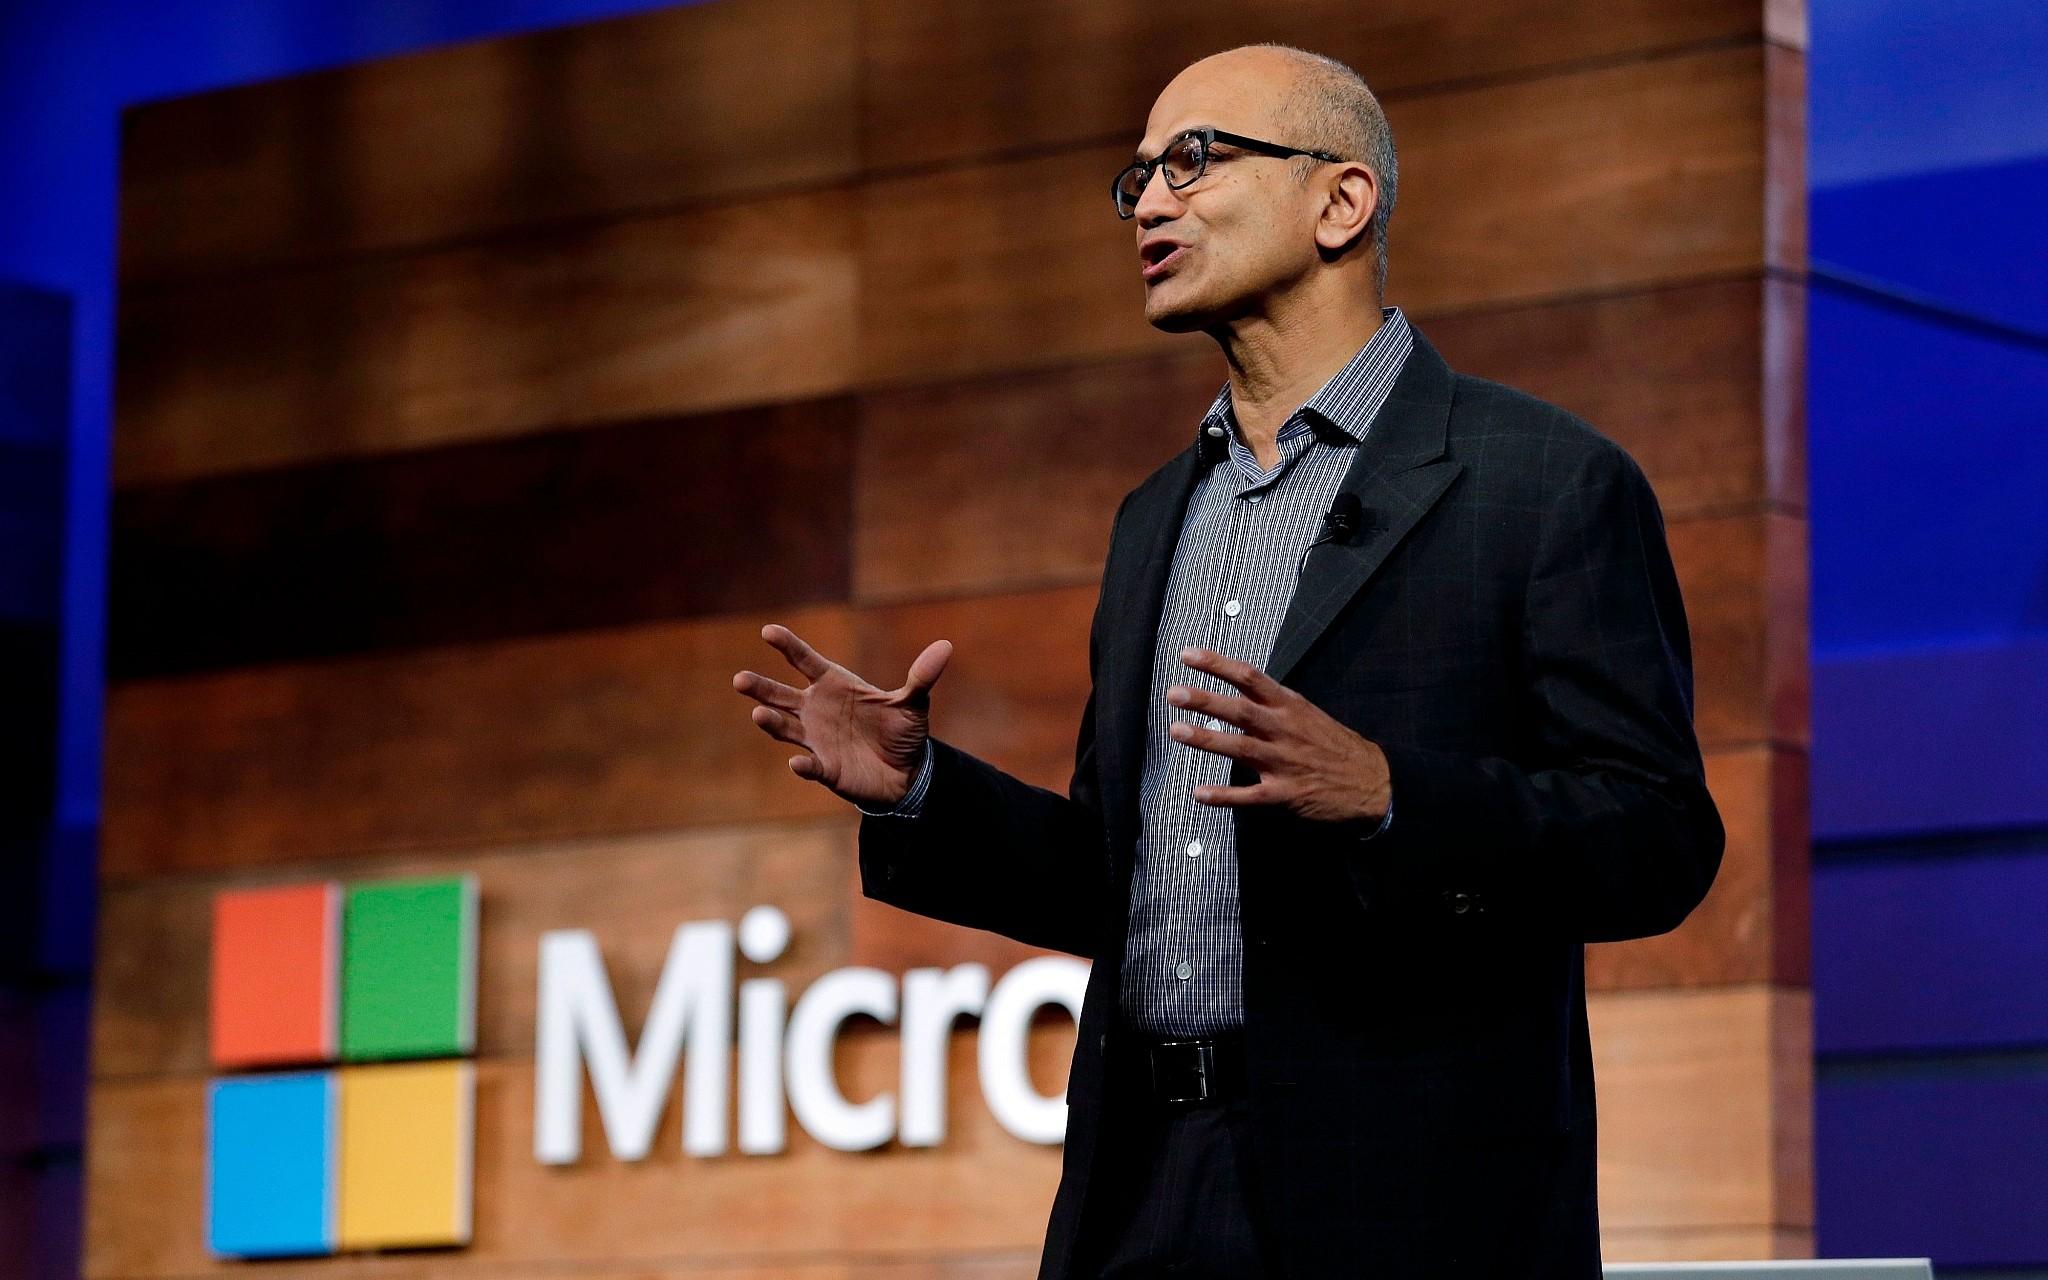 La nube impulsa los resultados financieros de Microsoft | Techcetera